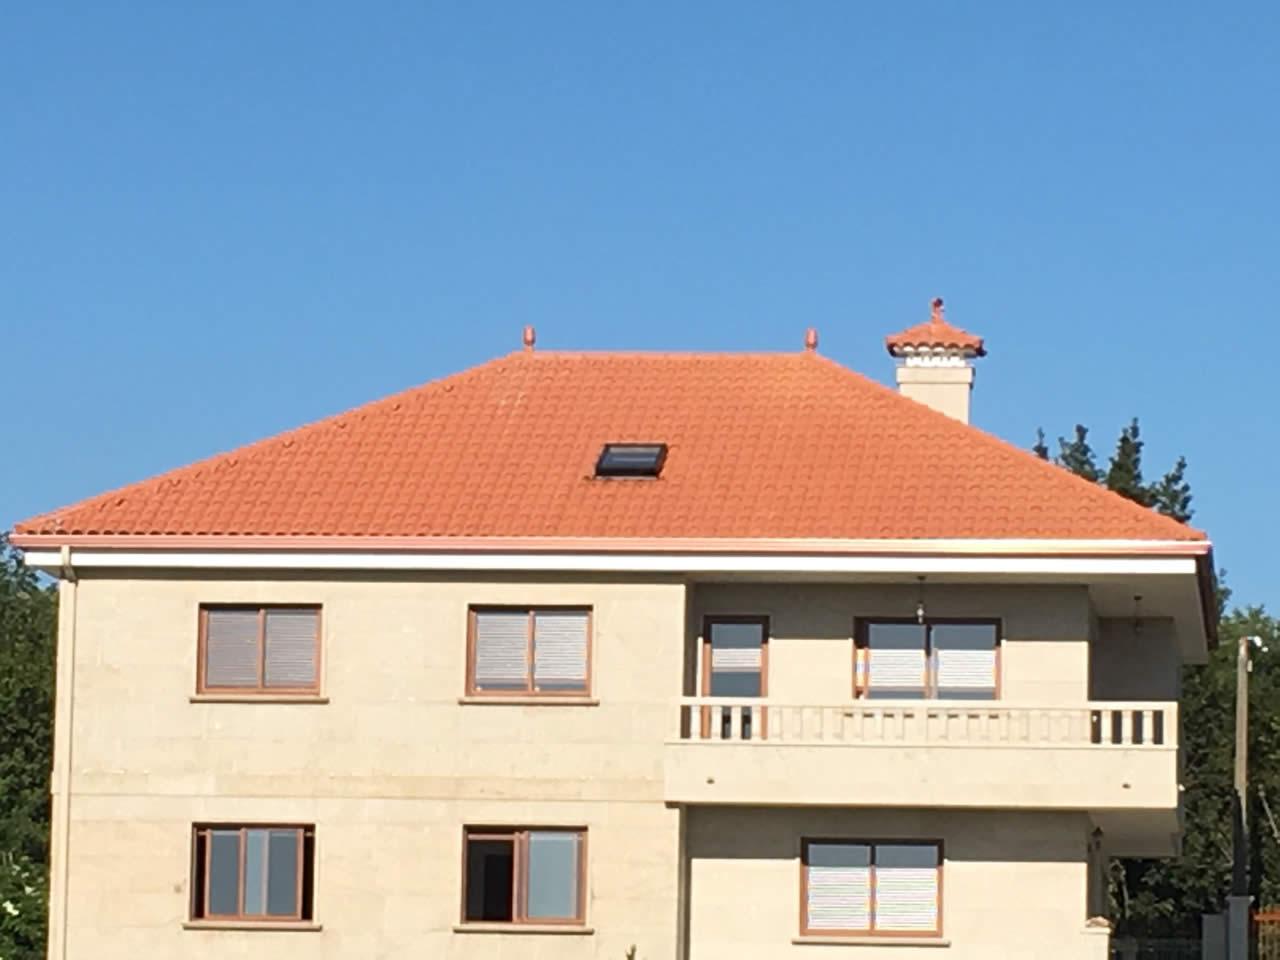 Construcci n de tejado a 4 aguas en vivienda unifamiliar for Tejados de madera a cuatro aguas